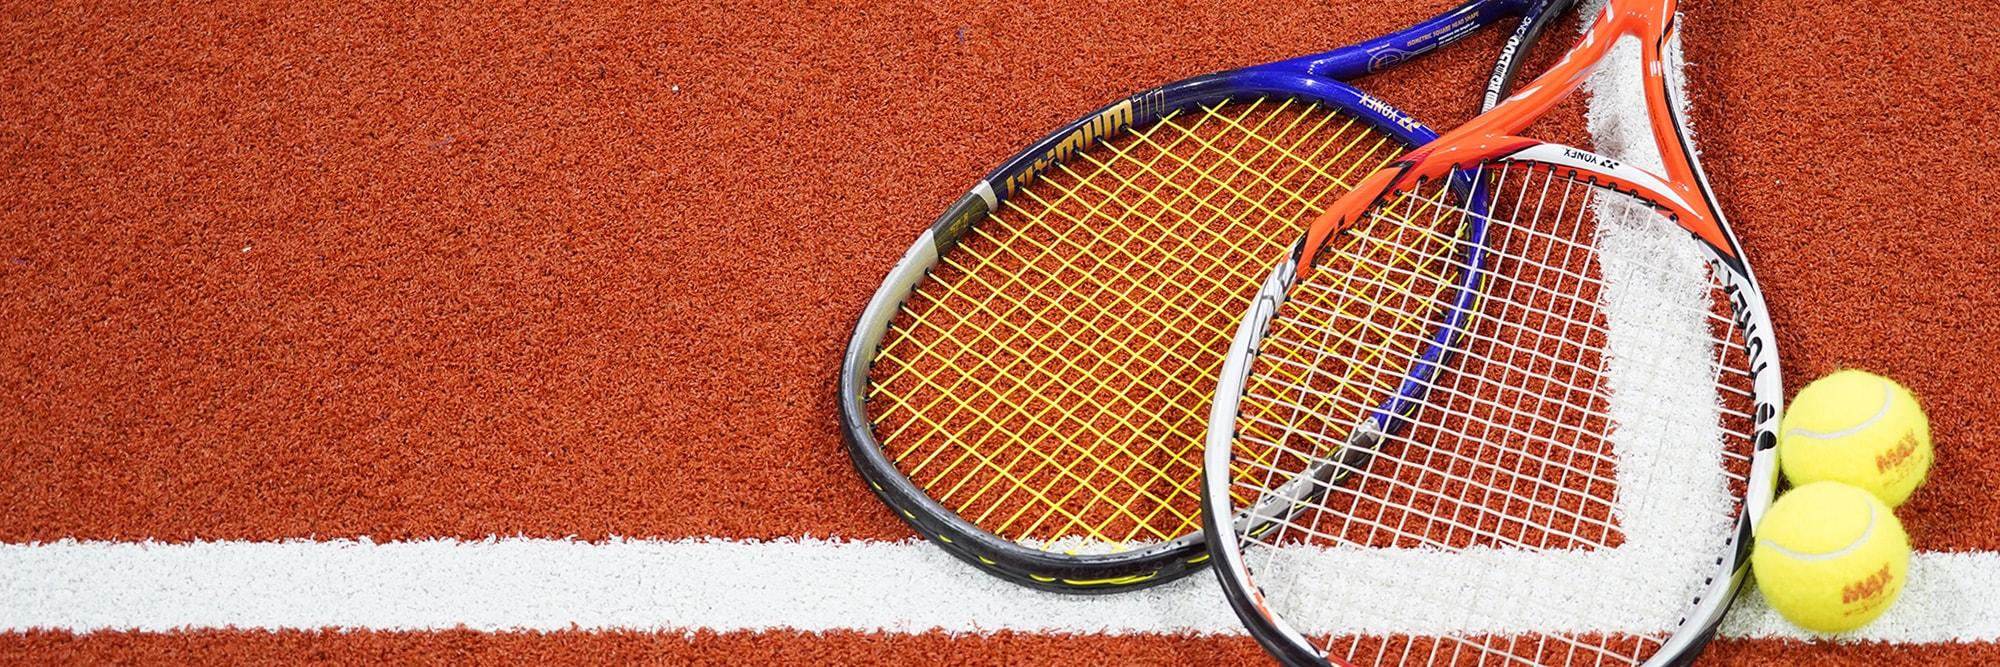 長野市 インドアテニススクール しおり